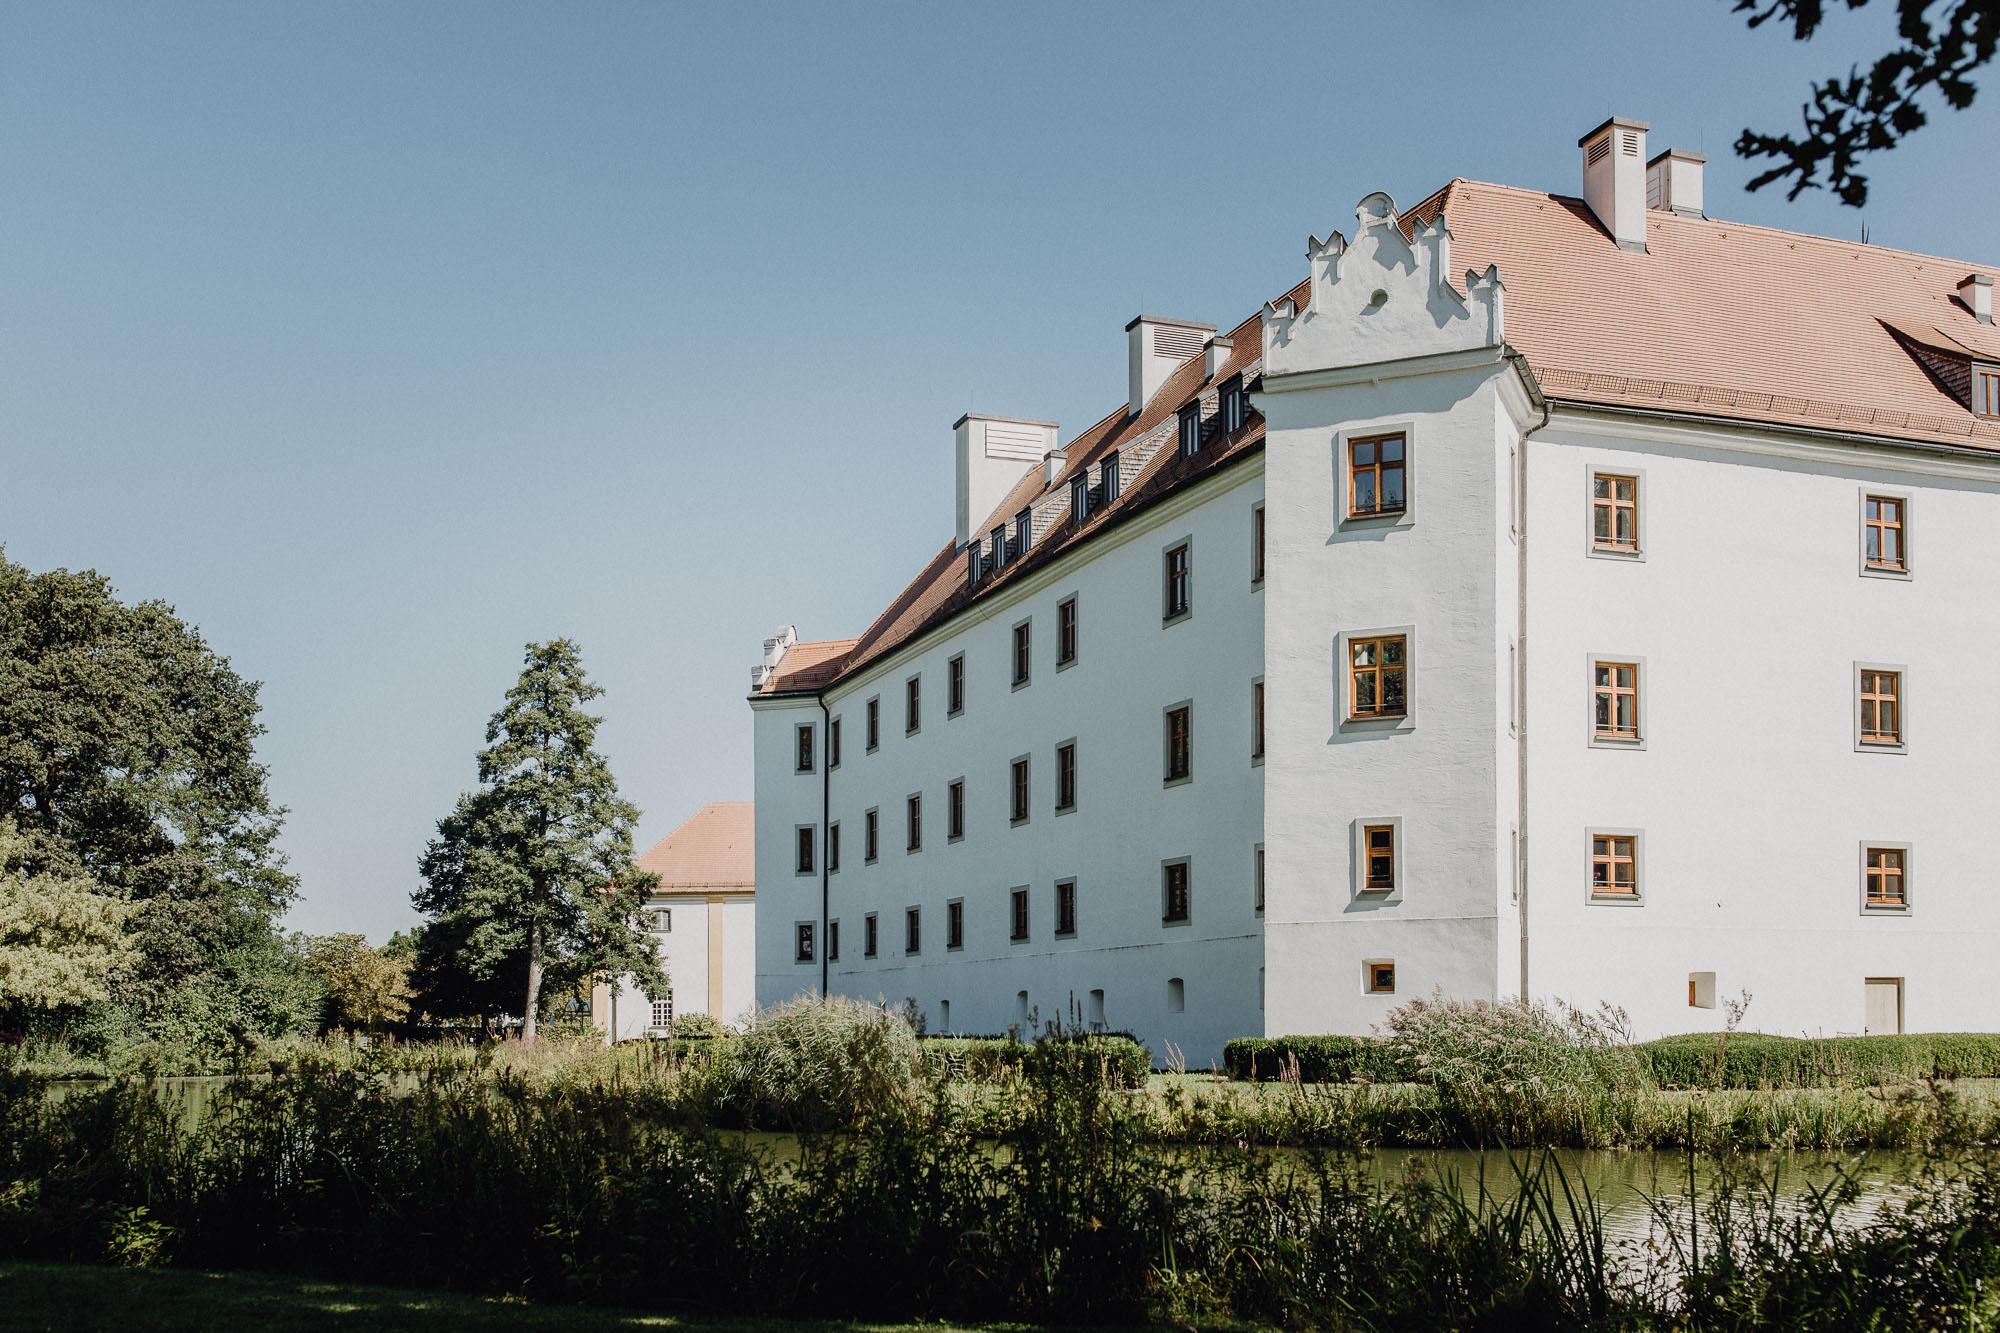 raissa simon photography destination wedding munich bayern schloss hohenkammer 003 - Andi + Joni